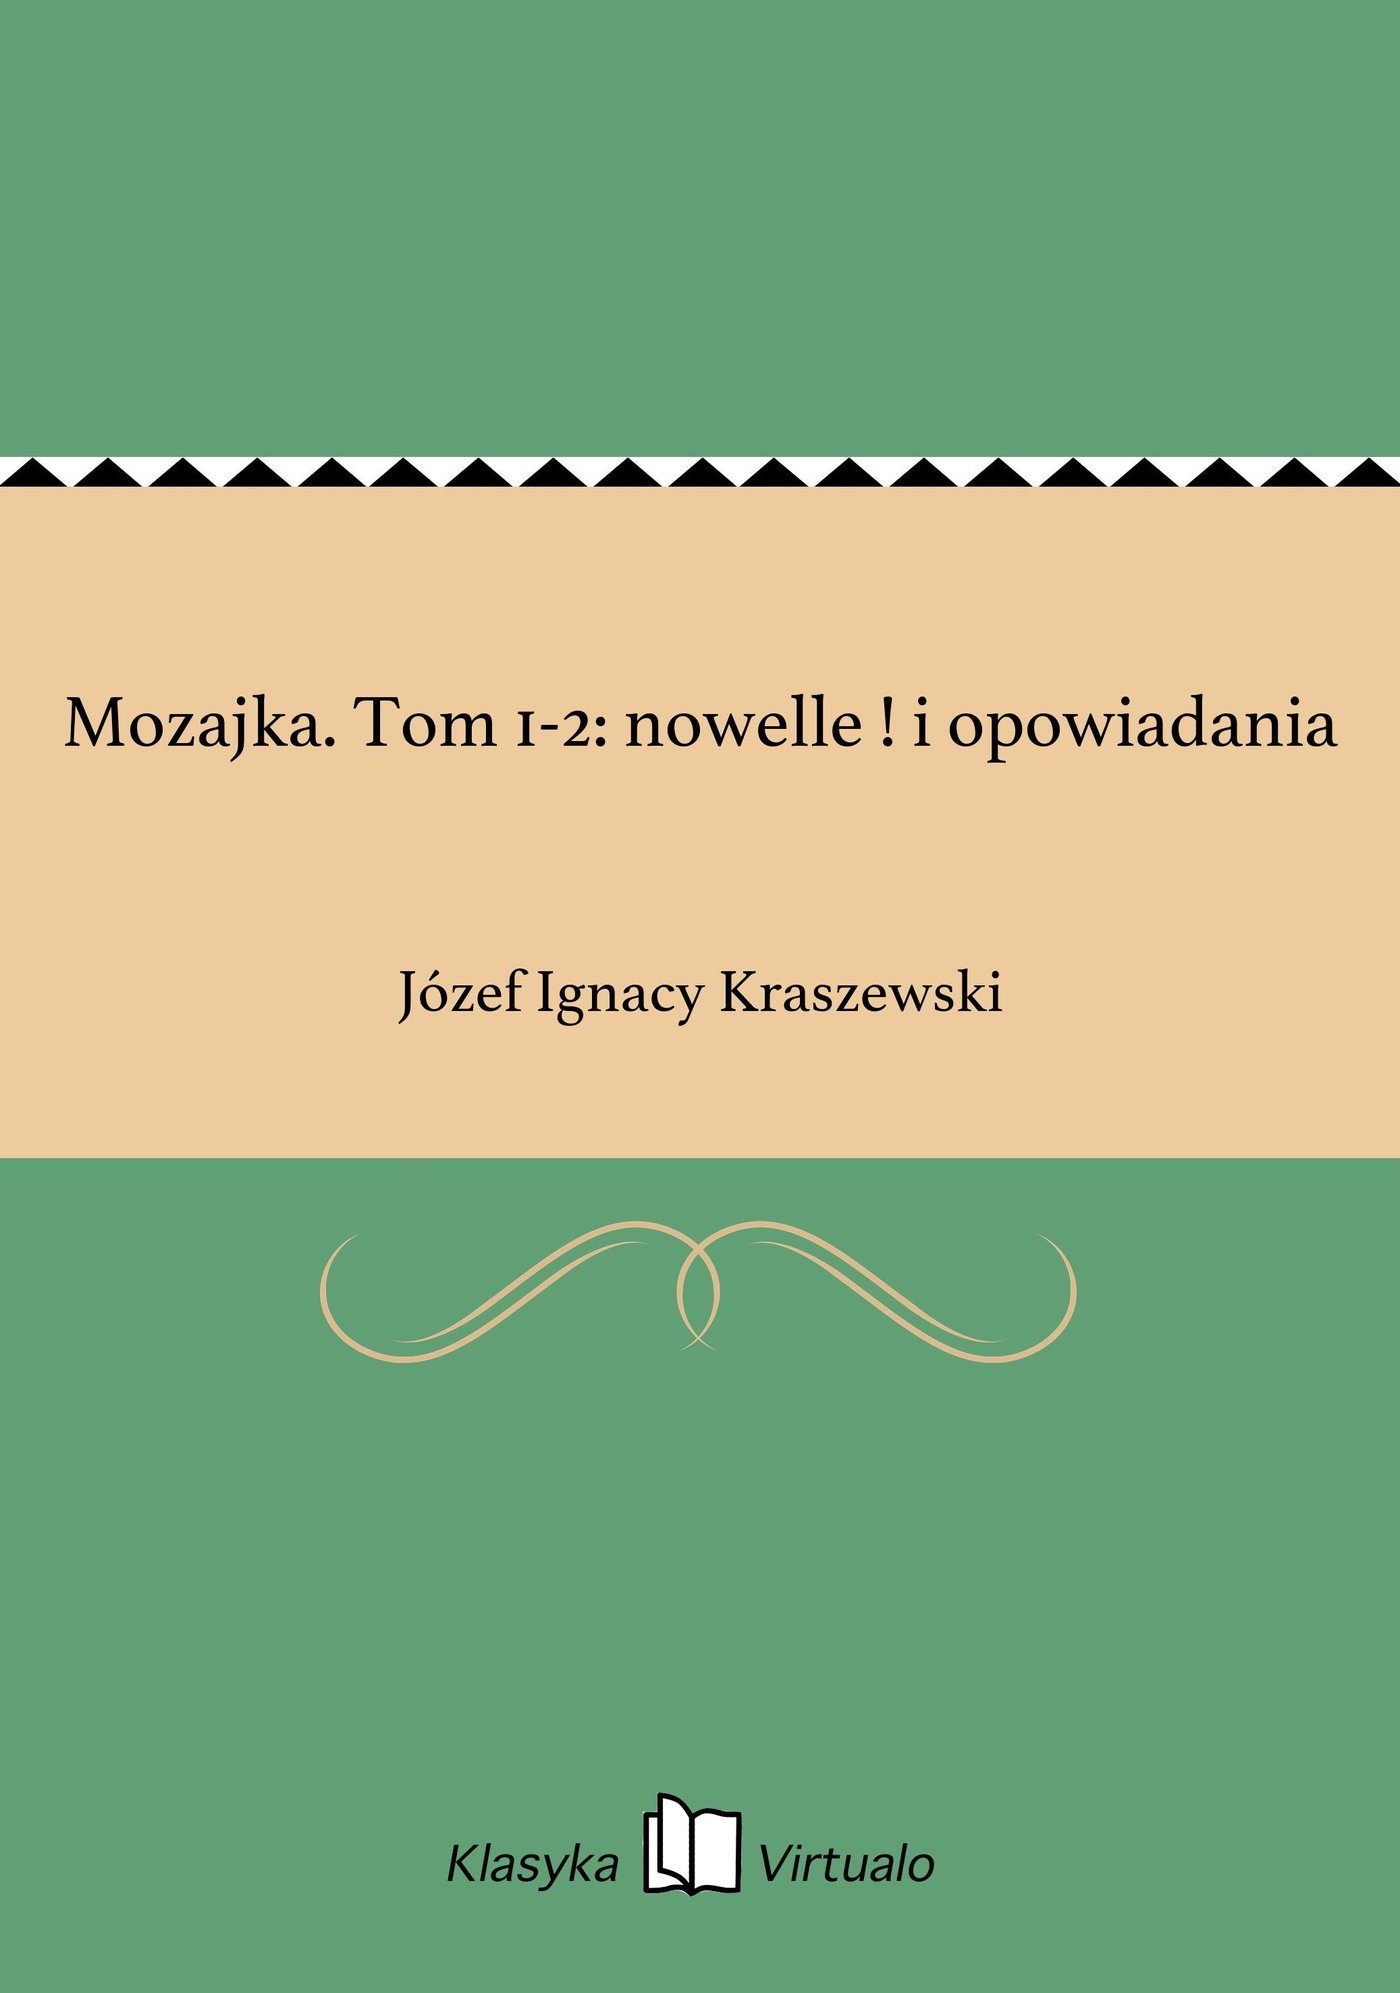 Mozajka. Tom 1-2: nowelle ! i opowiadania - Ebook (Książka EPUB) do pobrania w formacie EPUB